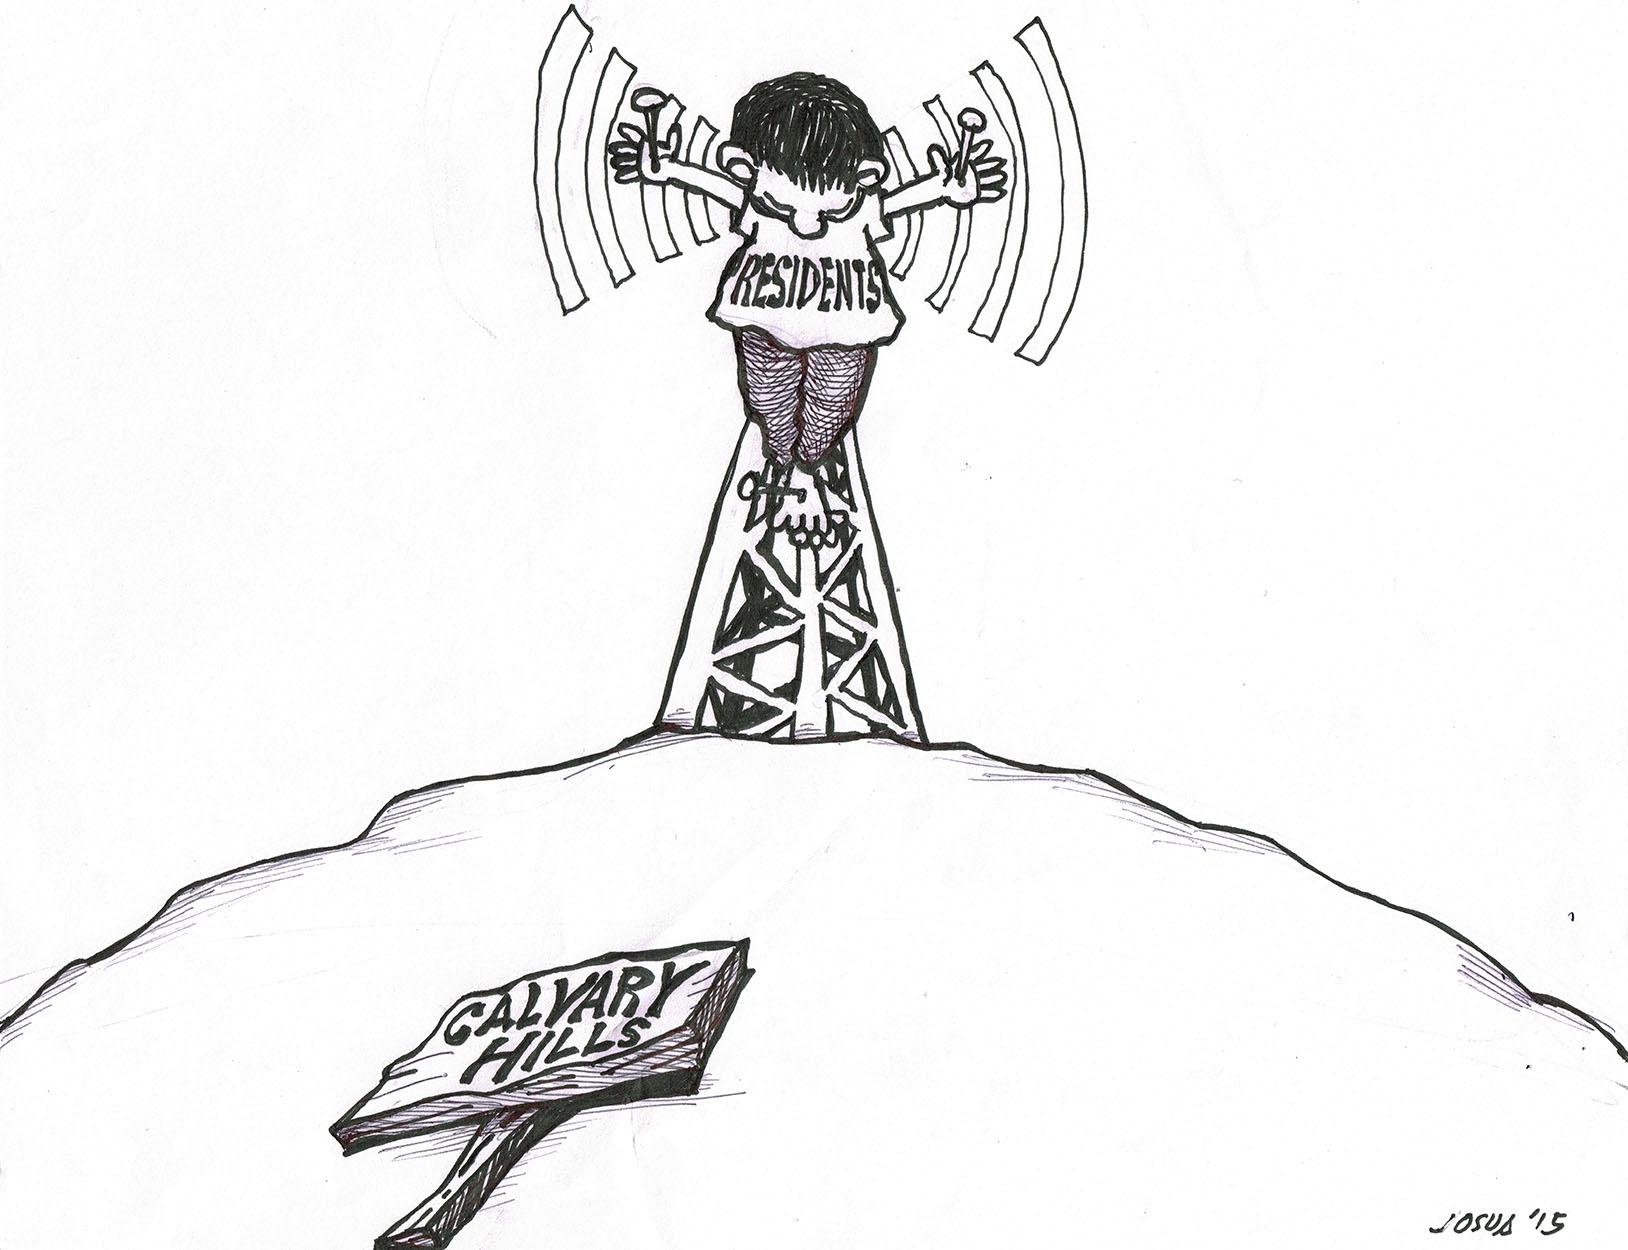 SunStar Cebu Editorial Cartoon (2015) dated May 29 by Josua